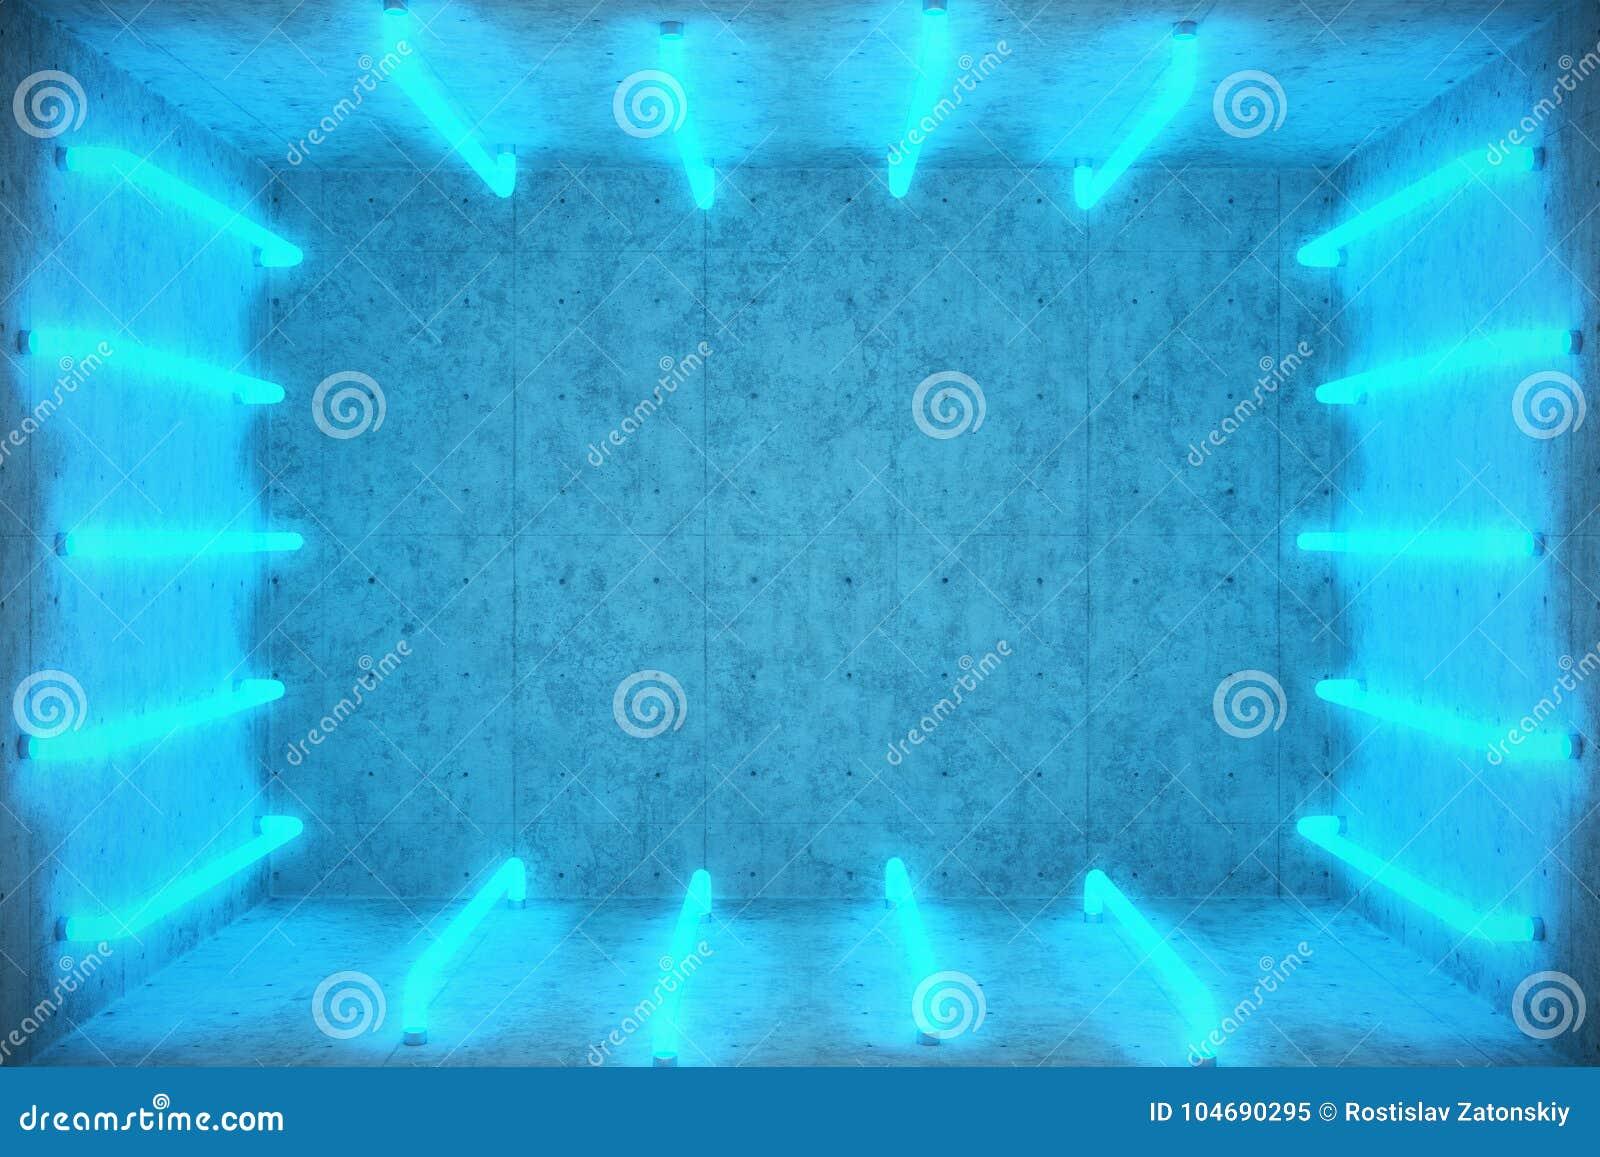 3D Ilustracyjny Abstrakcjonistyczny błękitny izbowy wnętrze z błękitnymi neonowymi lampami futurystyczny architektury tło Pudełko